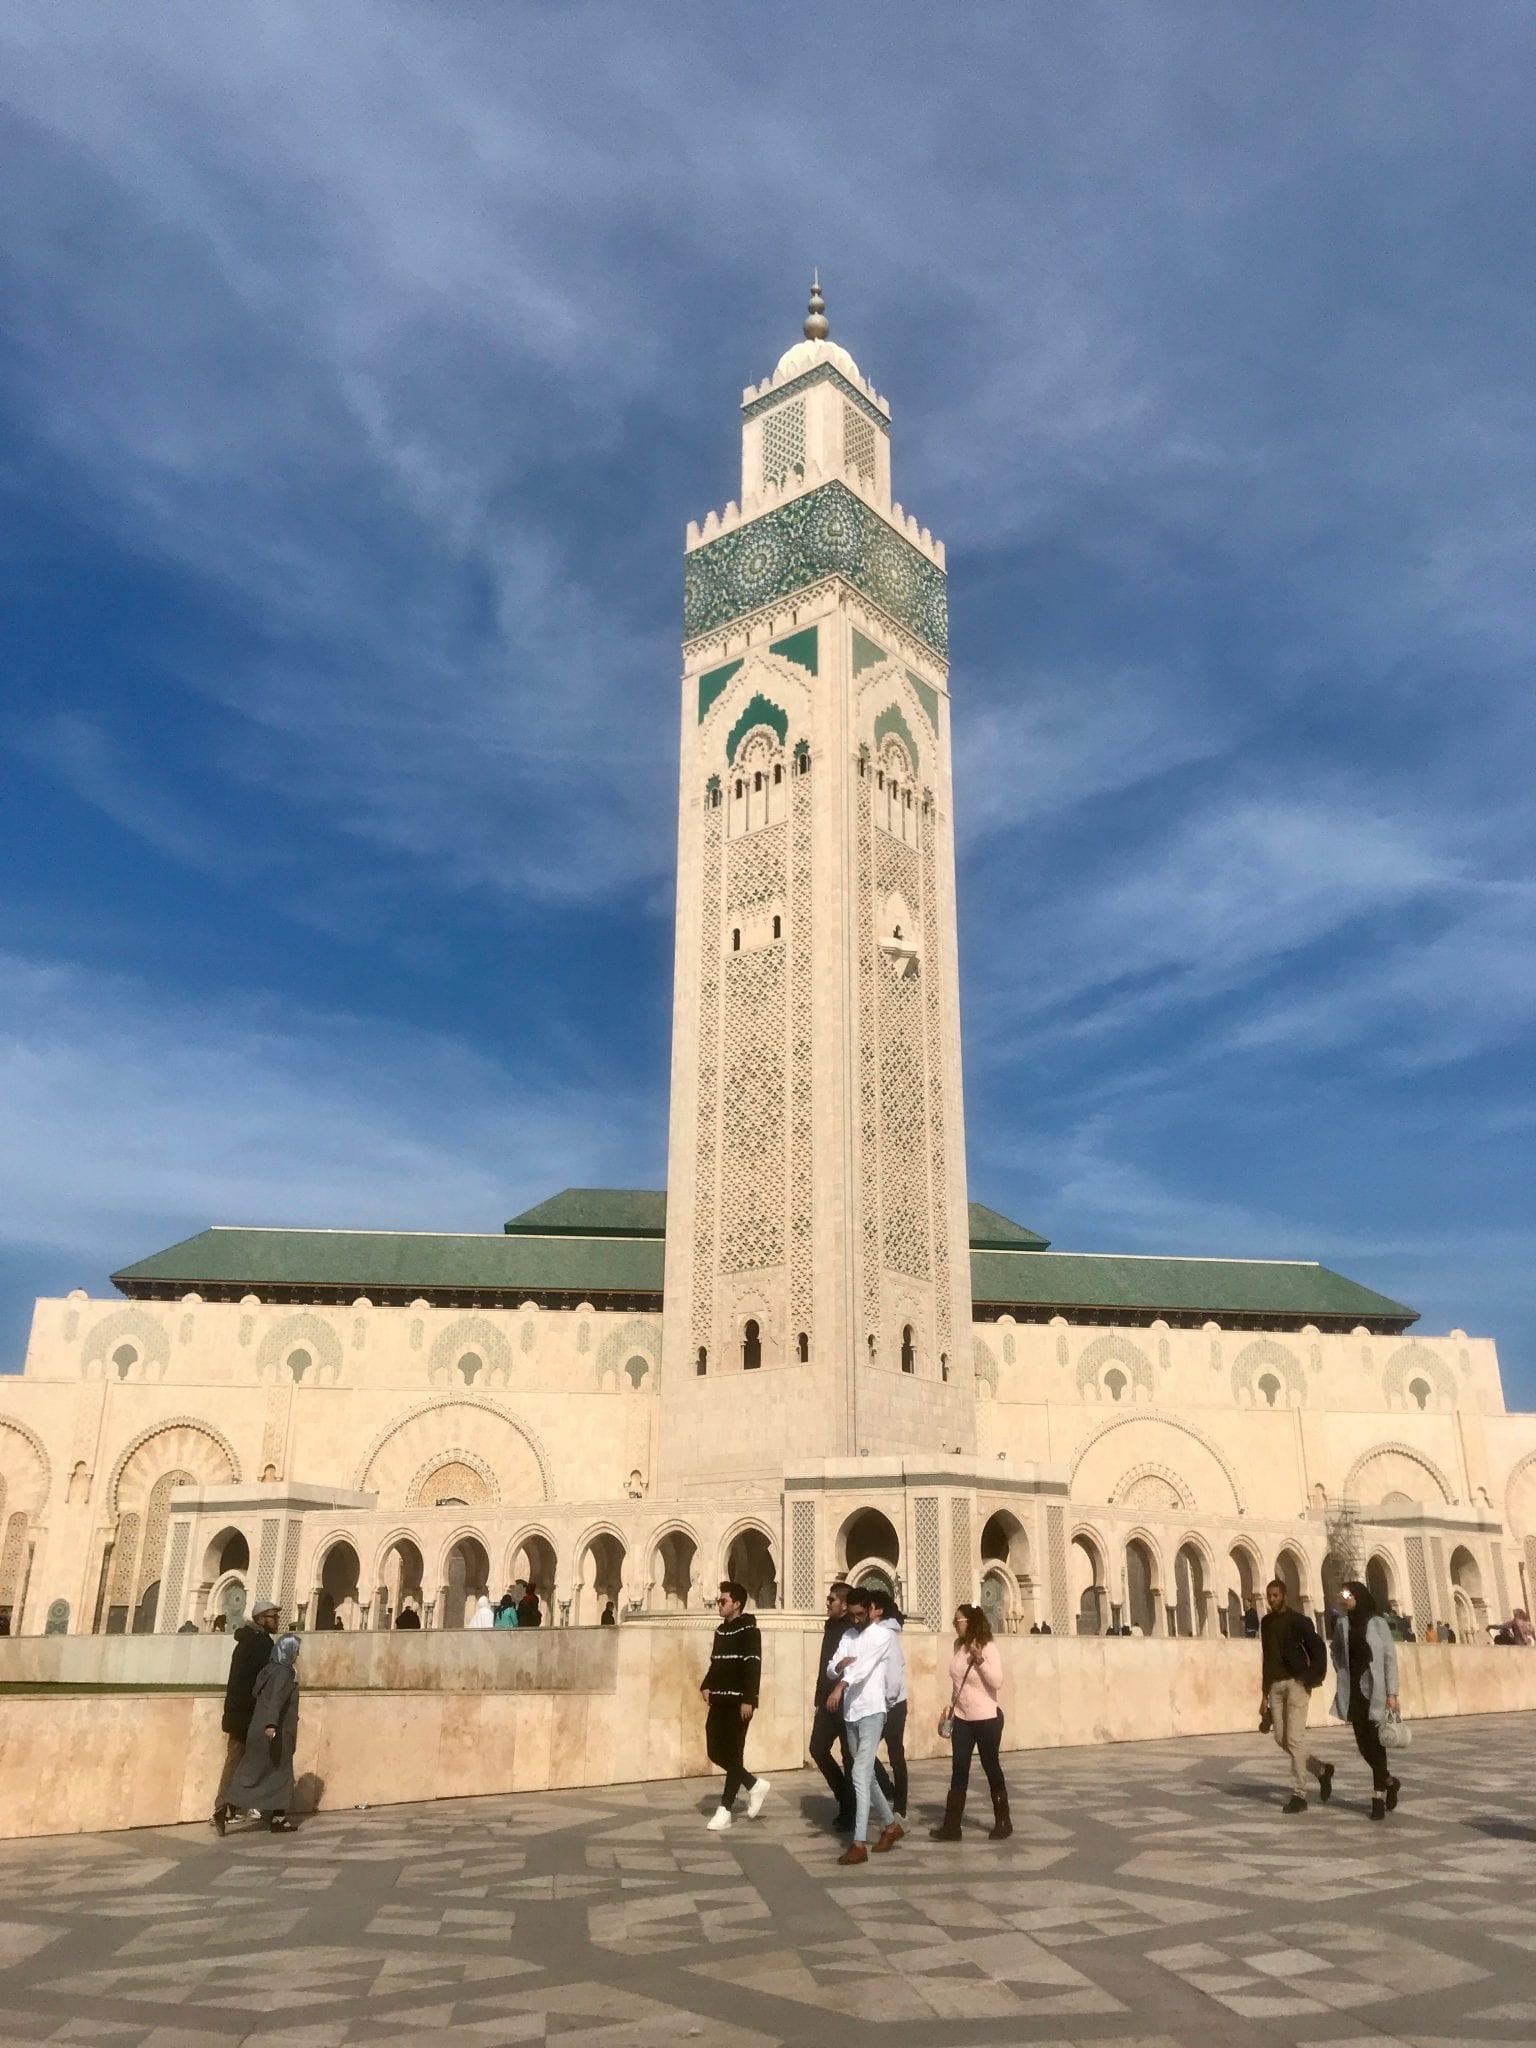 Мечеть Hassan II, Касабланка, Марокко